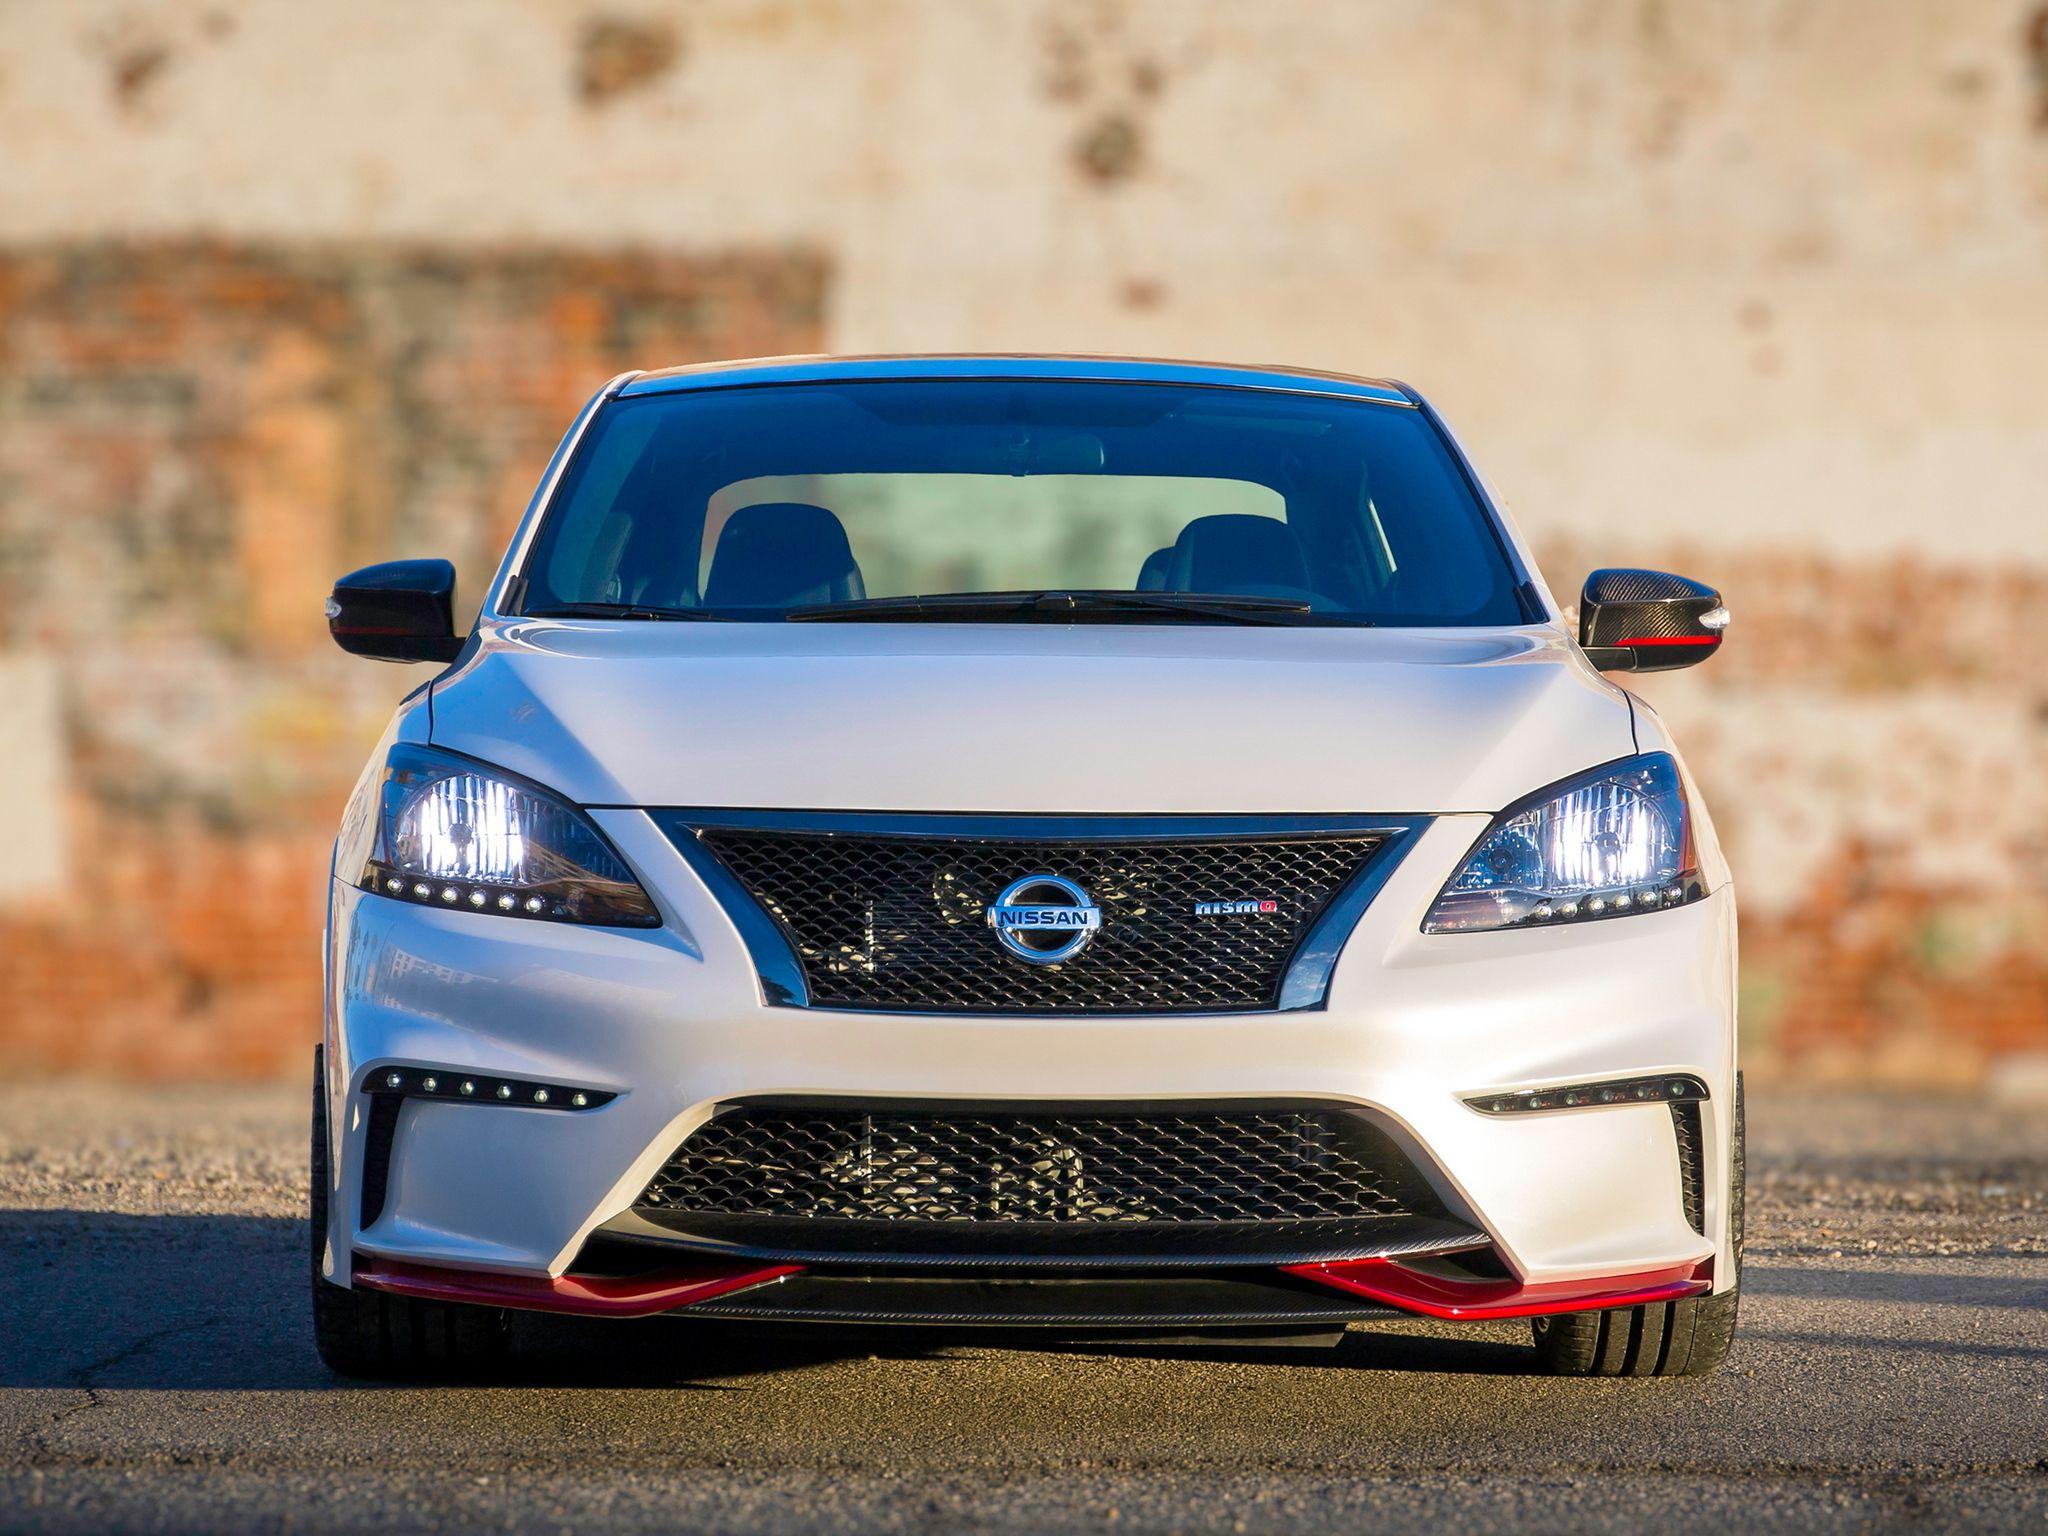 Nissan Sentra B17 NISMO Nissan Classics & Concepts